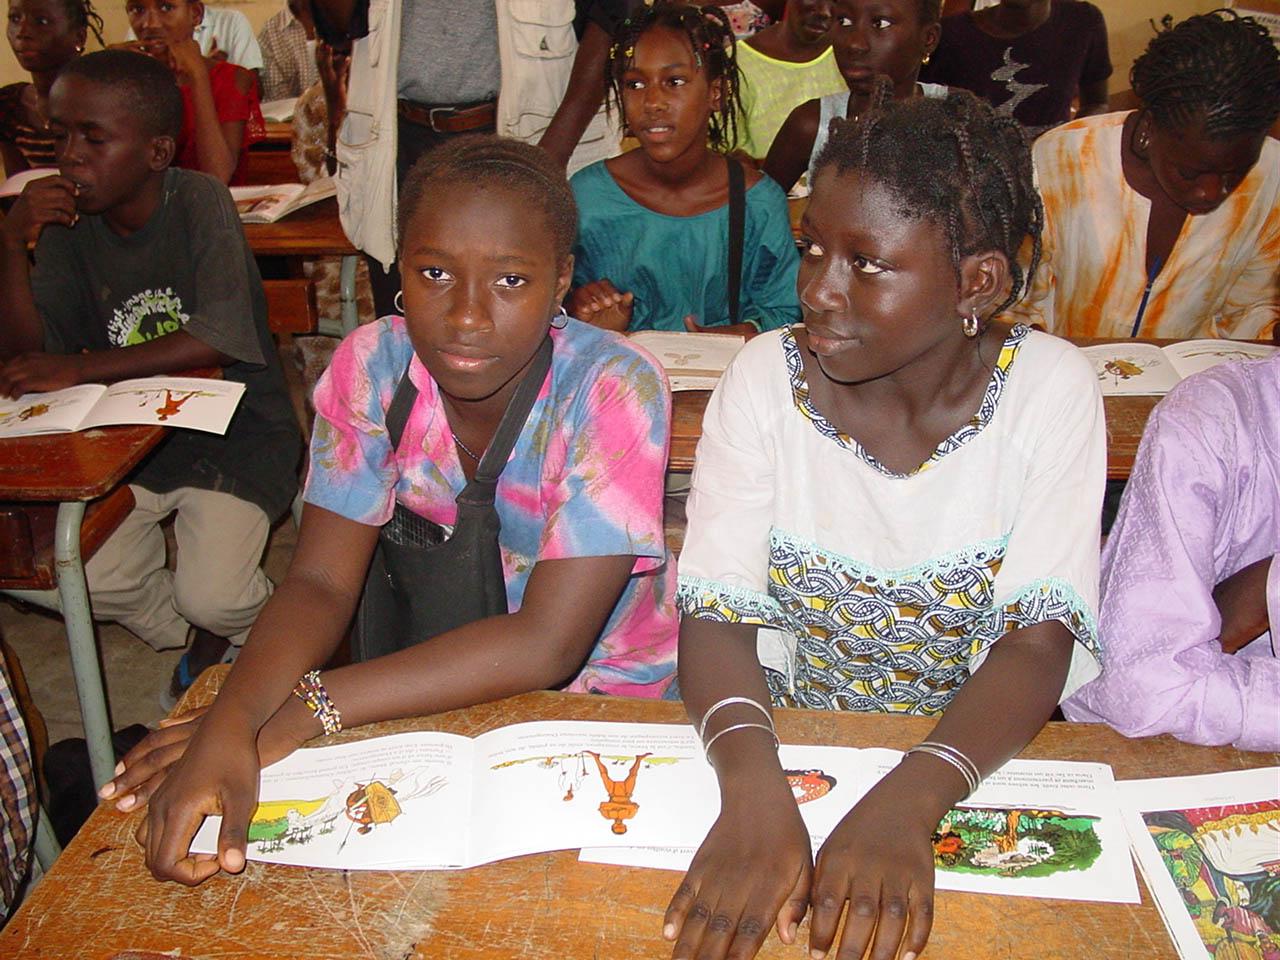 Studenti in Senegal, immagine da Wikipedia.